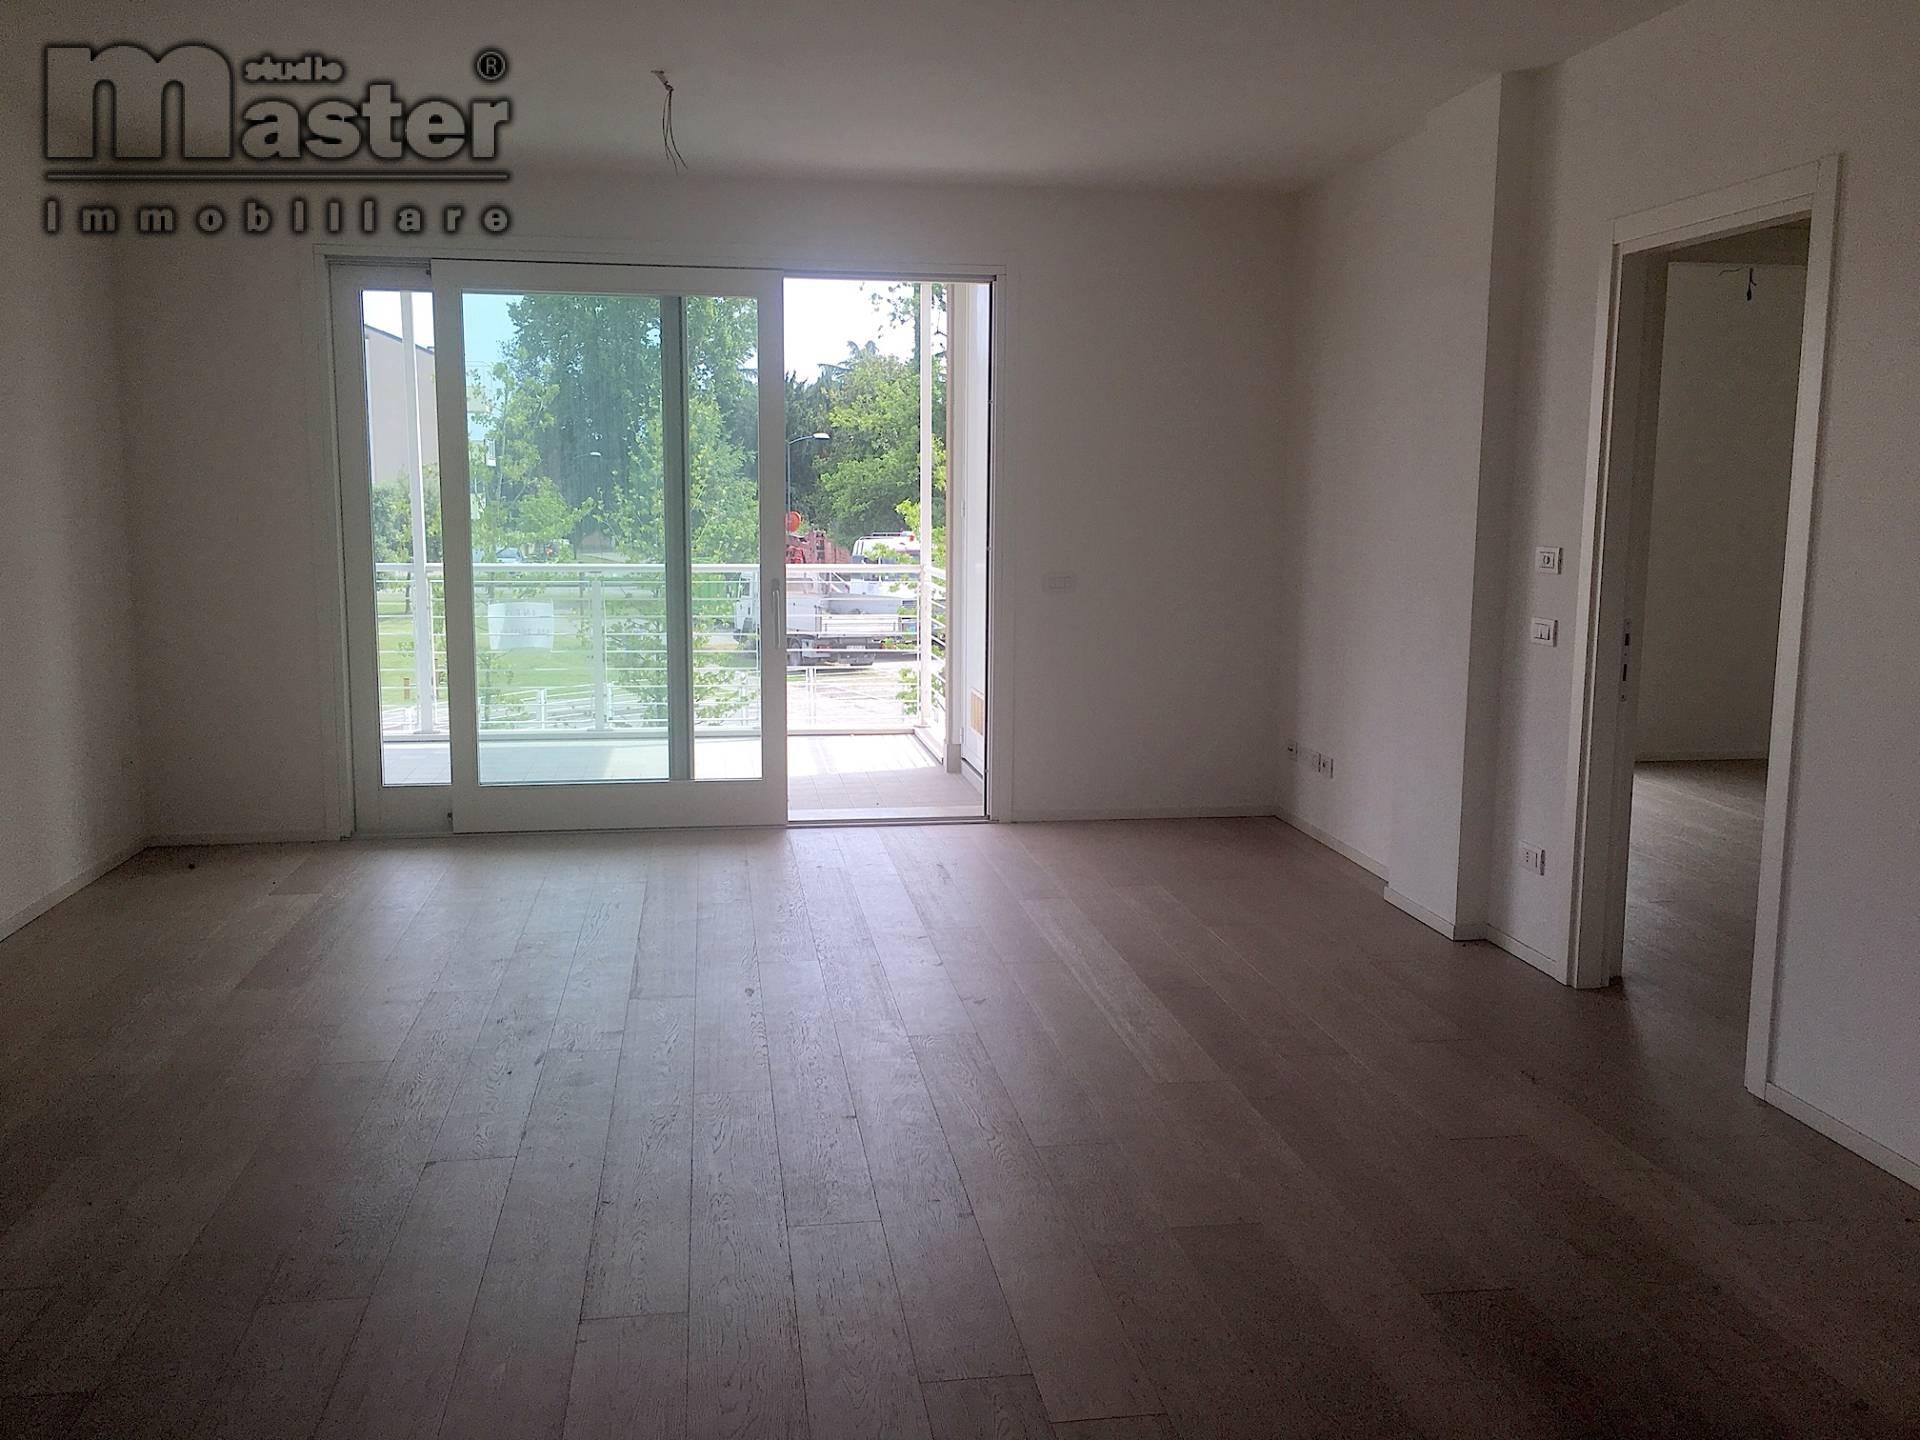 Appartamento in vendita a treviso cod t338 - Vendita piastrelle treviso ...